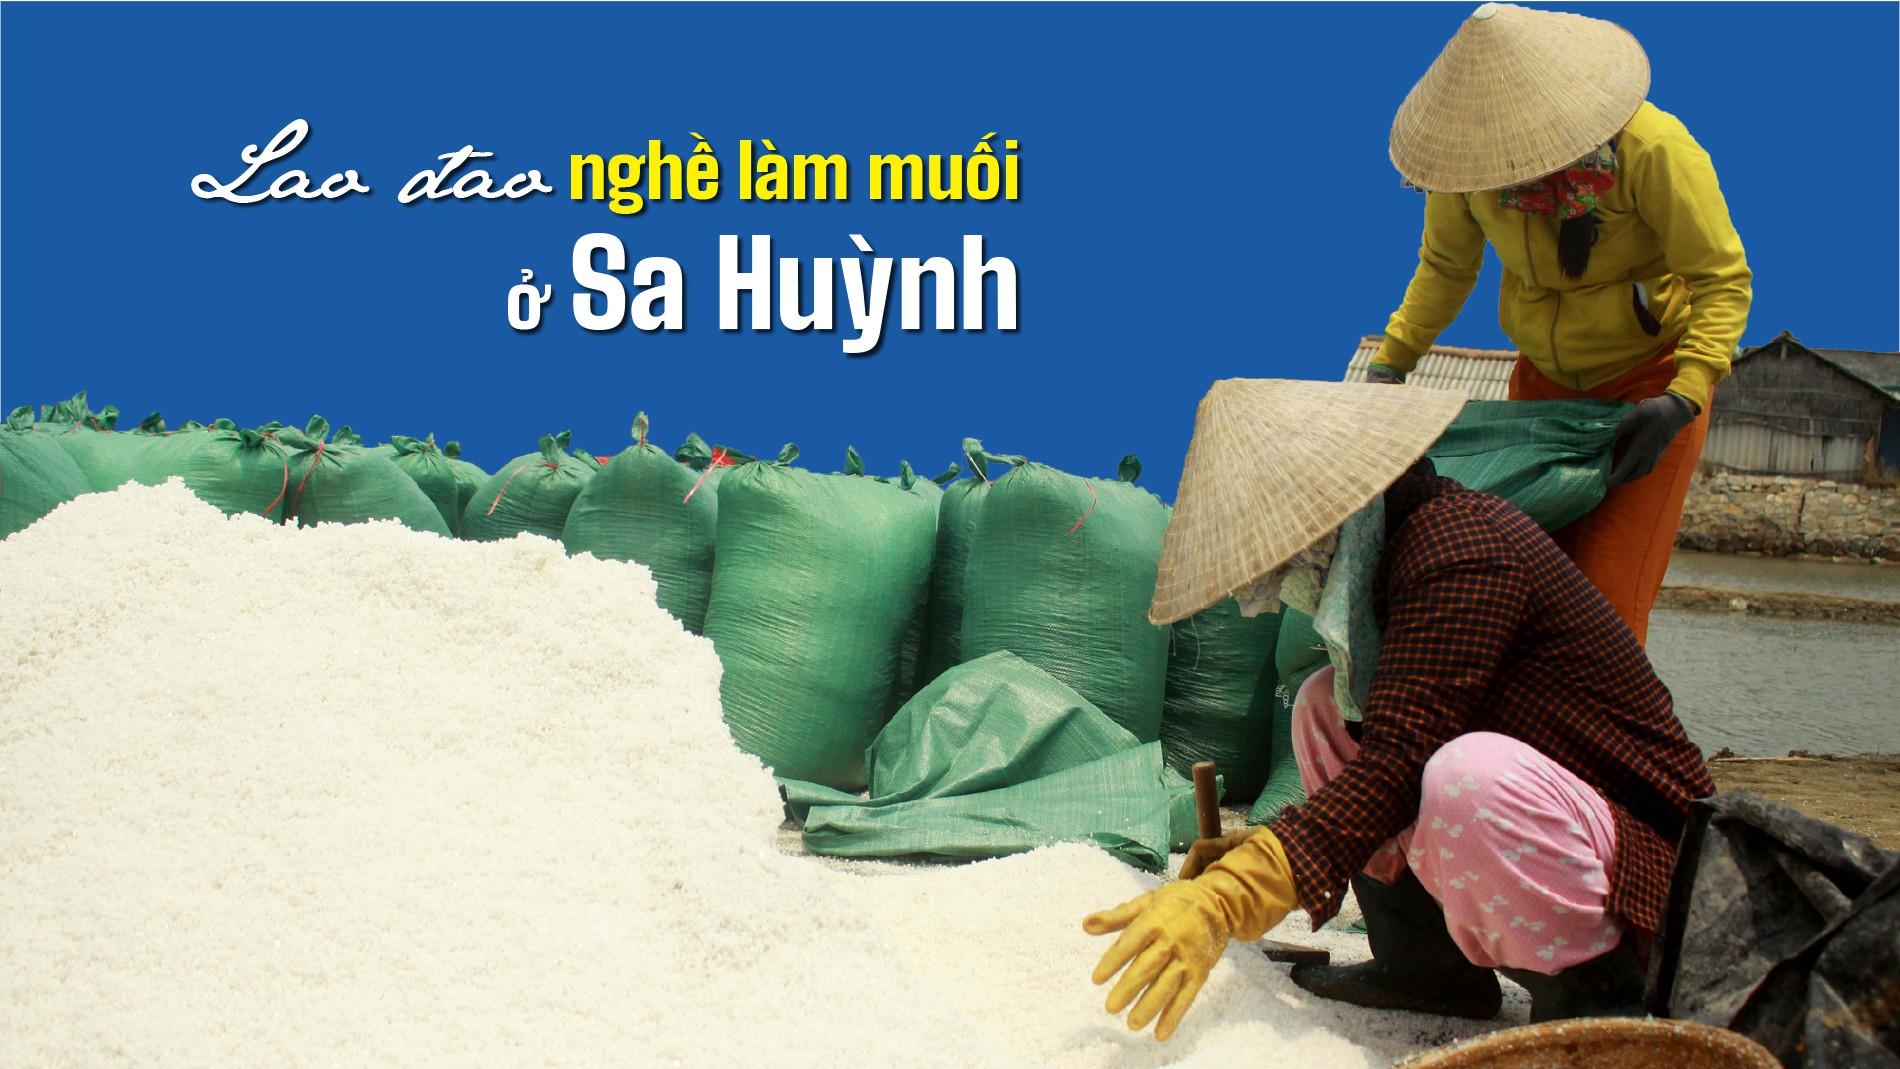 Lao đao nghề làm muối ở Sa Huỳnh, Quảng Ngãi